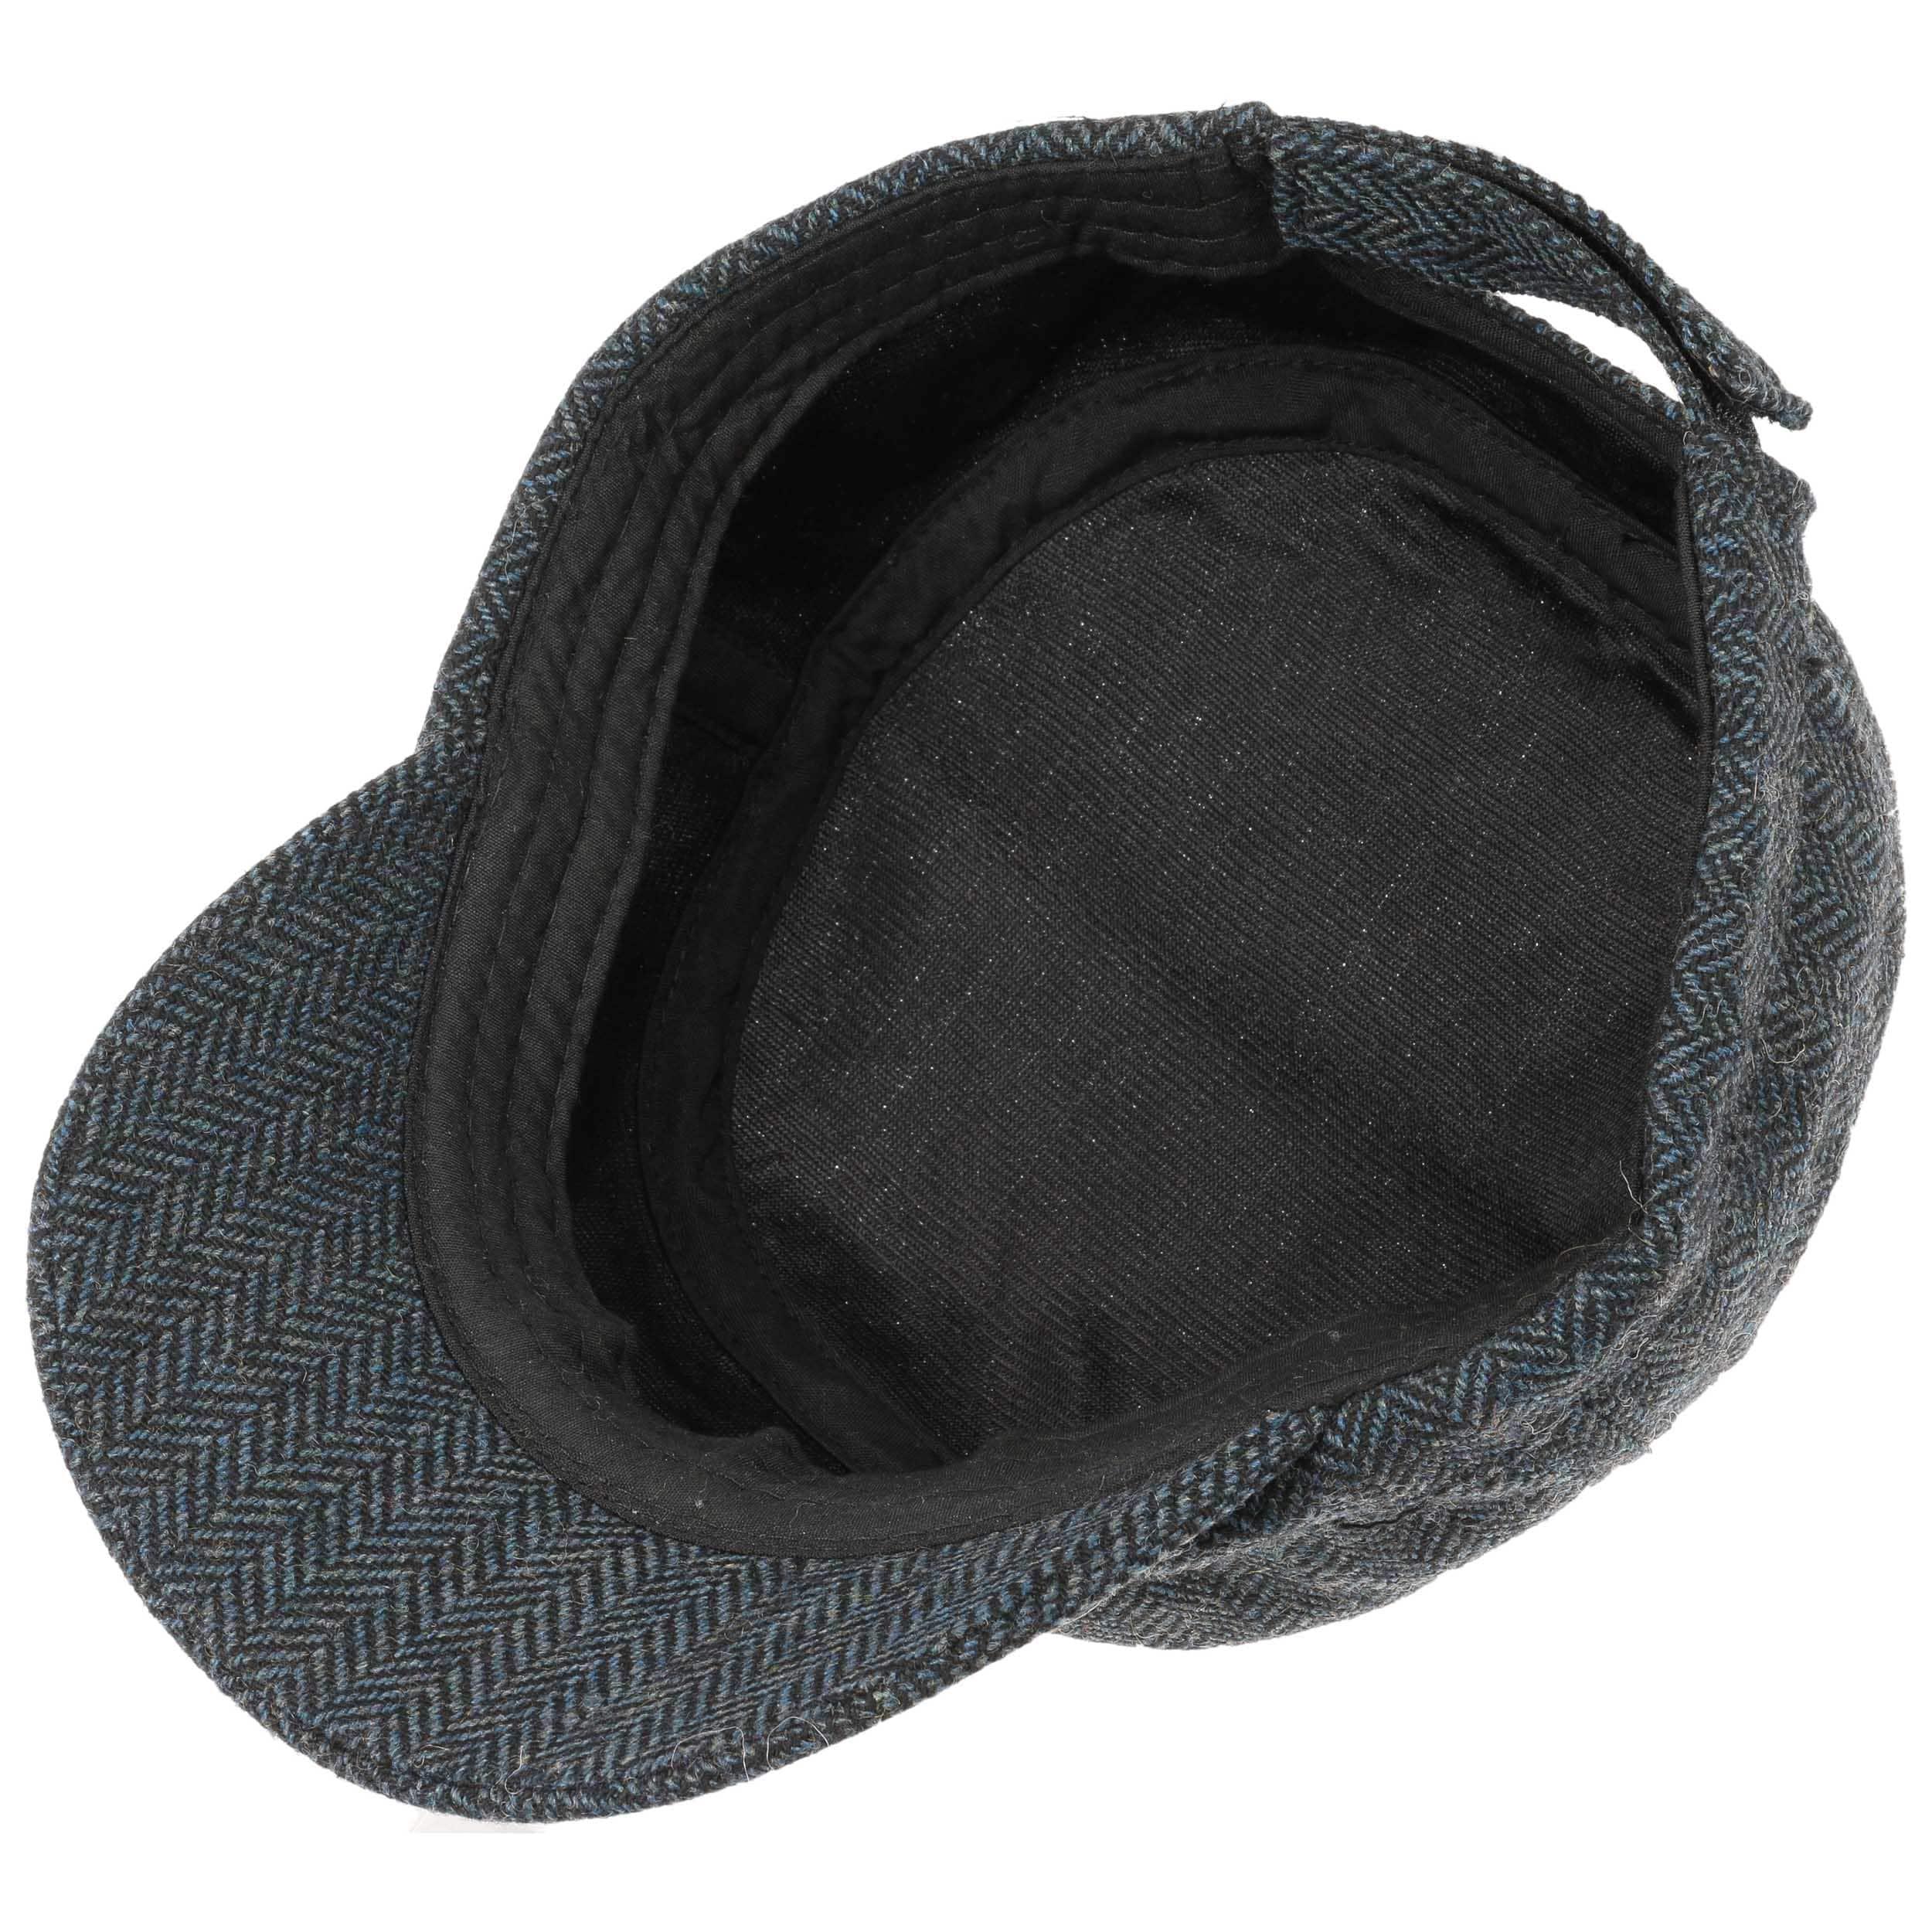 Gorra Militar Herringbone by Lipodo - Gorras - sombreroshop.es 491b5db2a61